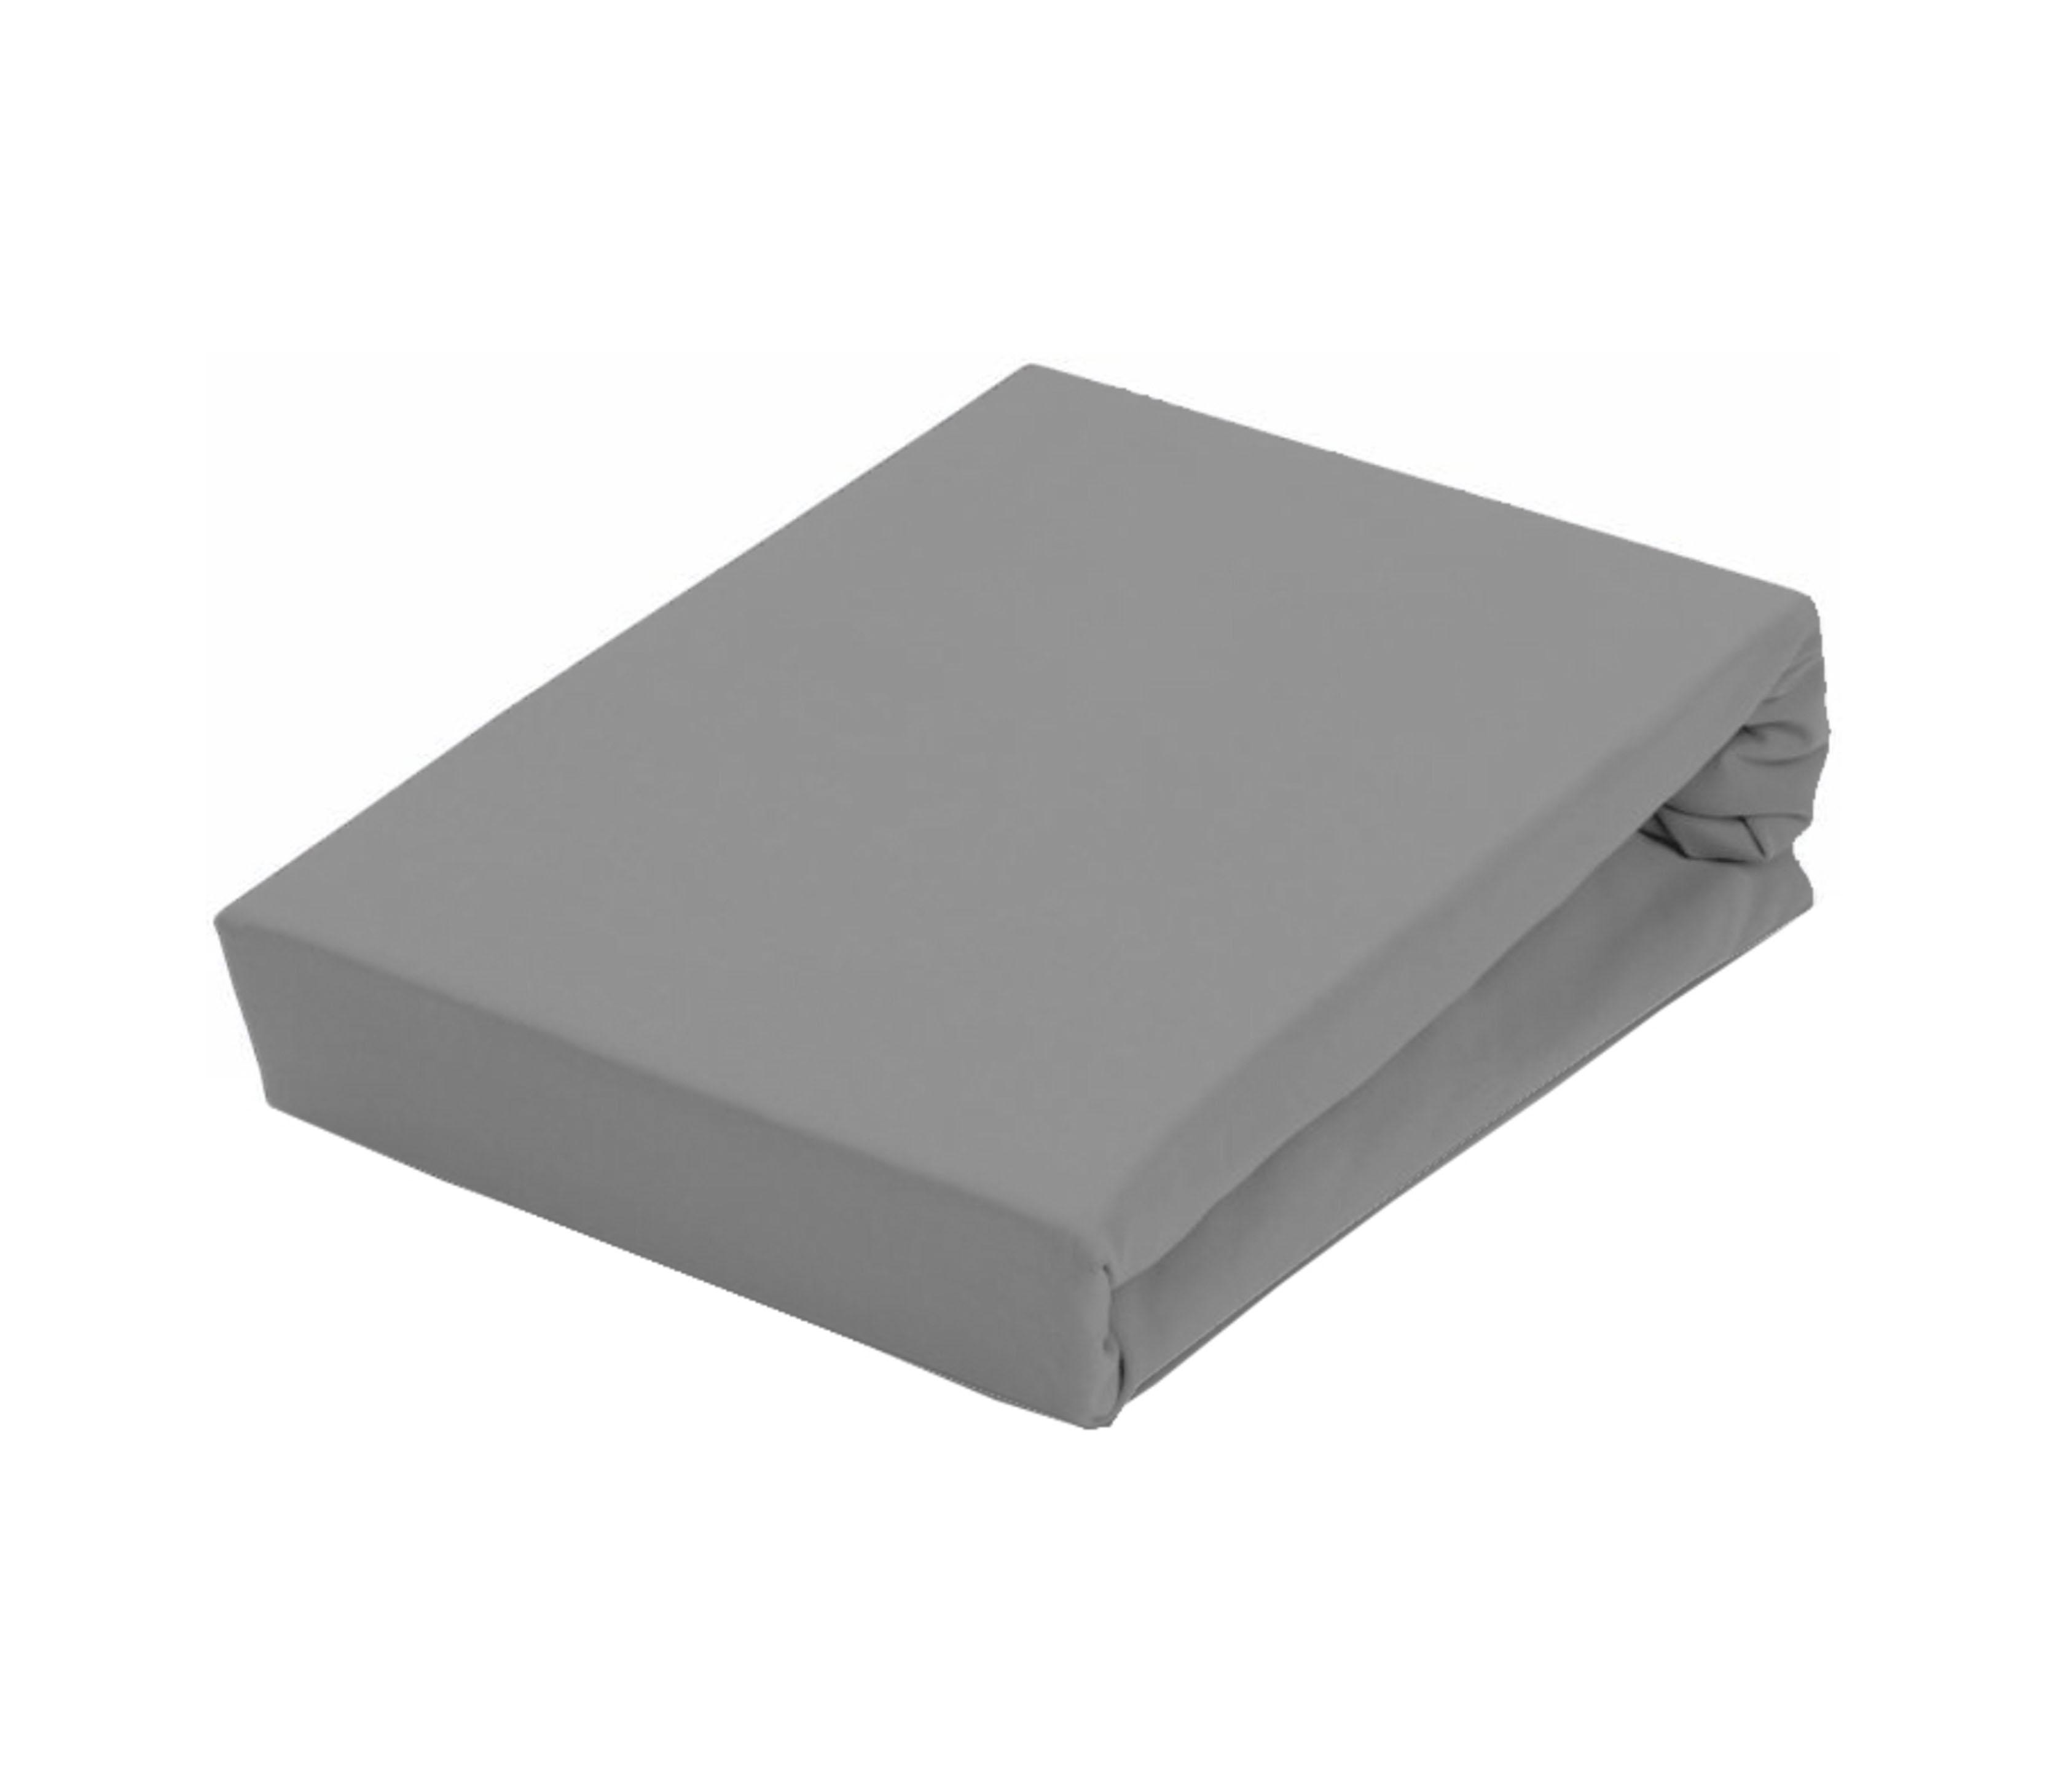 Aga Prostěradlo JERSEY 140x200 cm  Barva prostěradla: Tmavě šedá